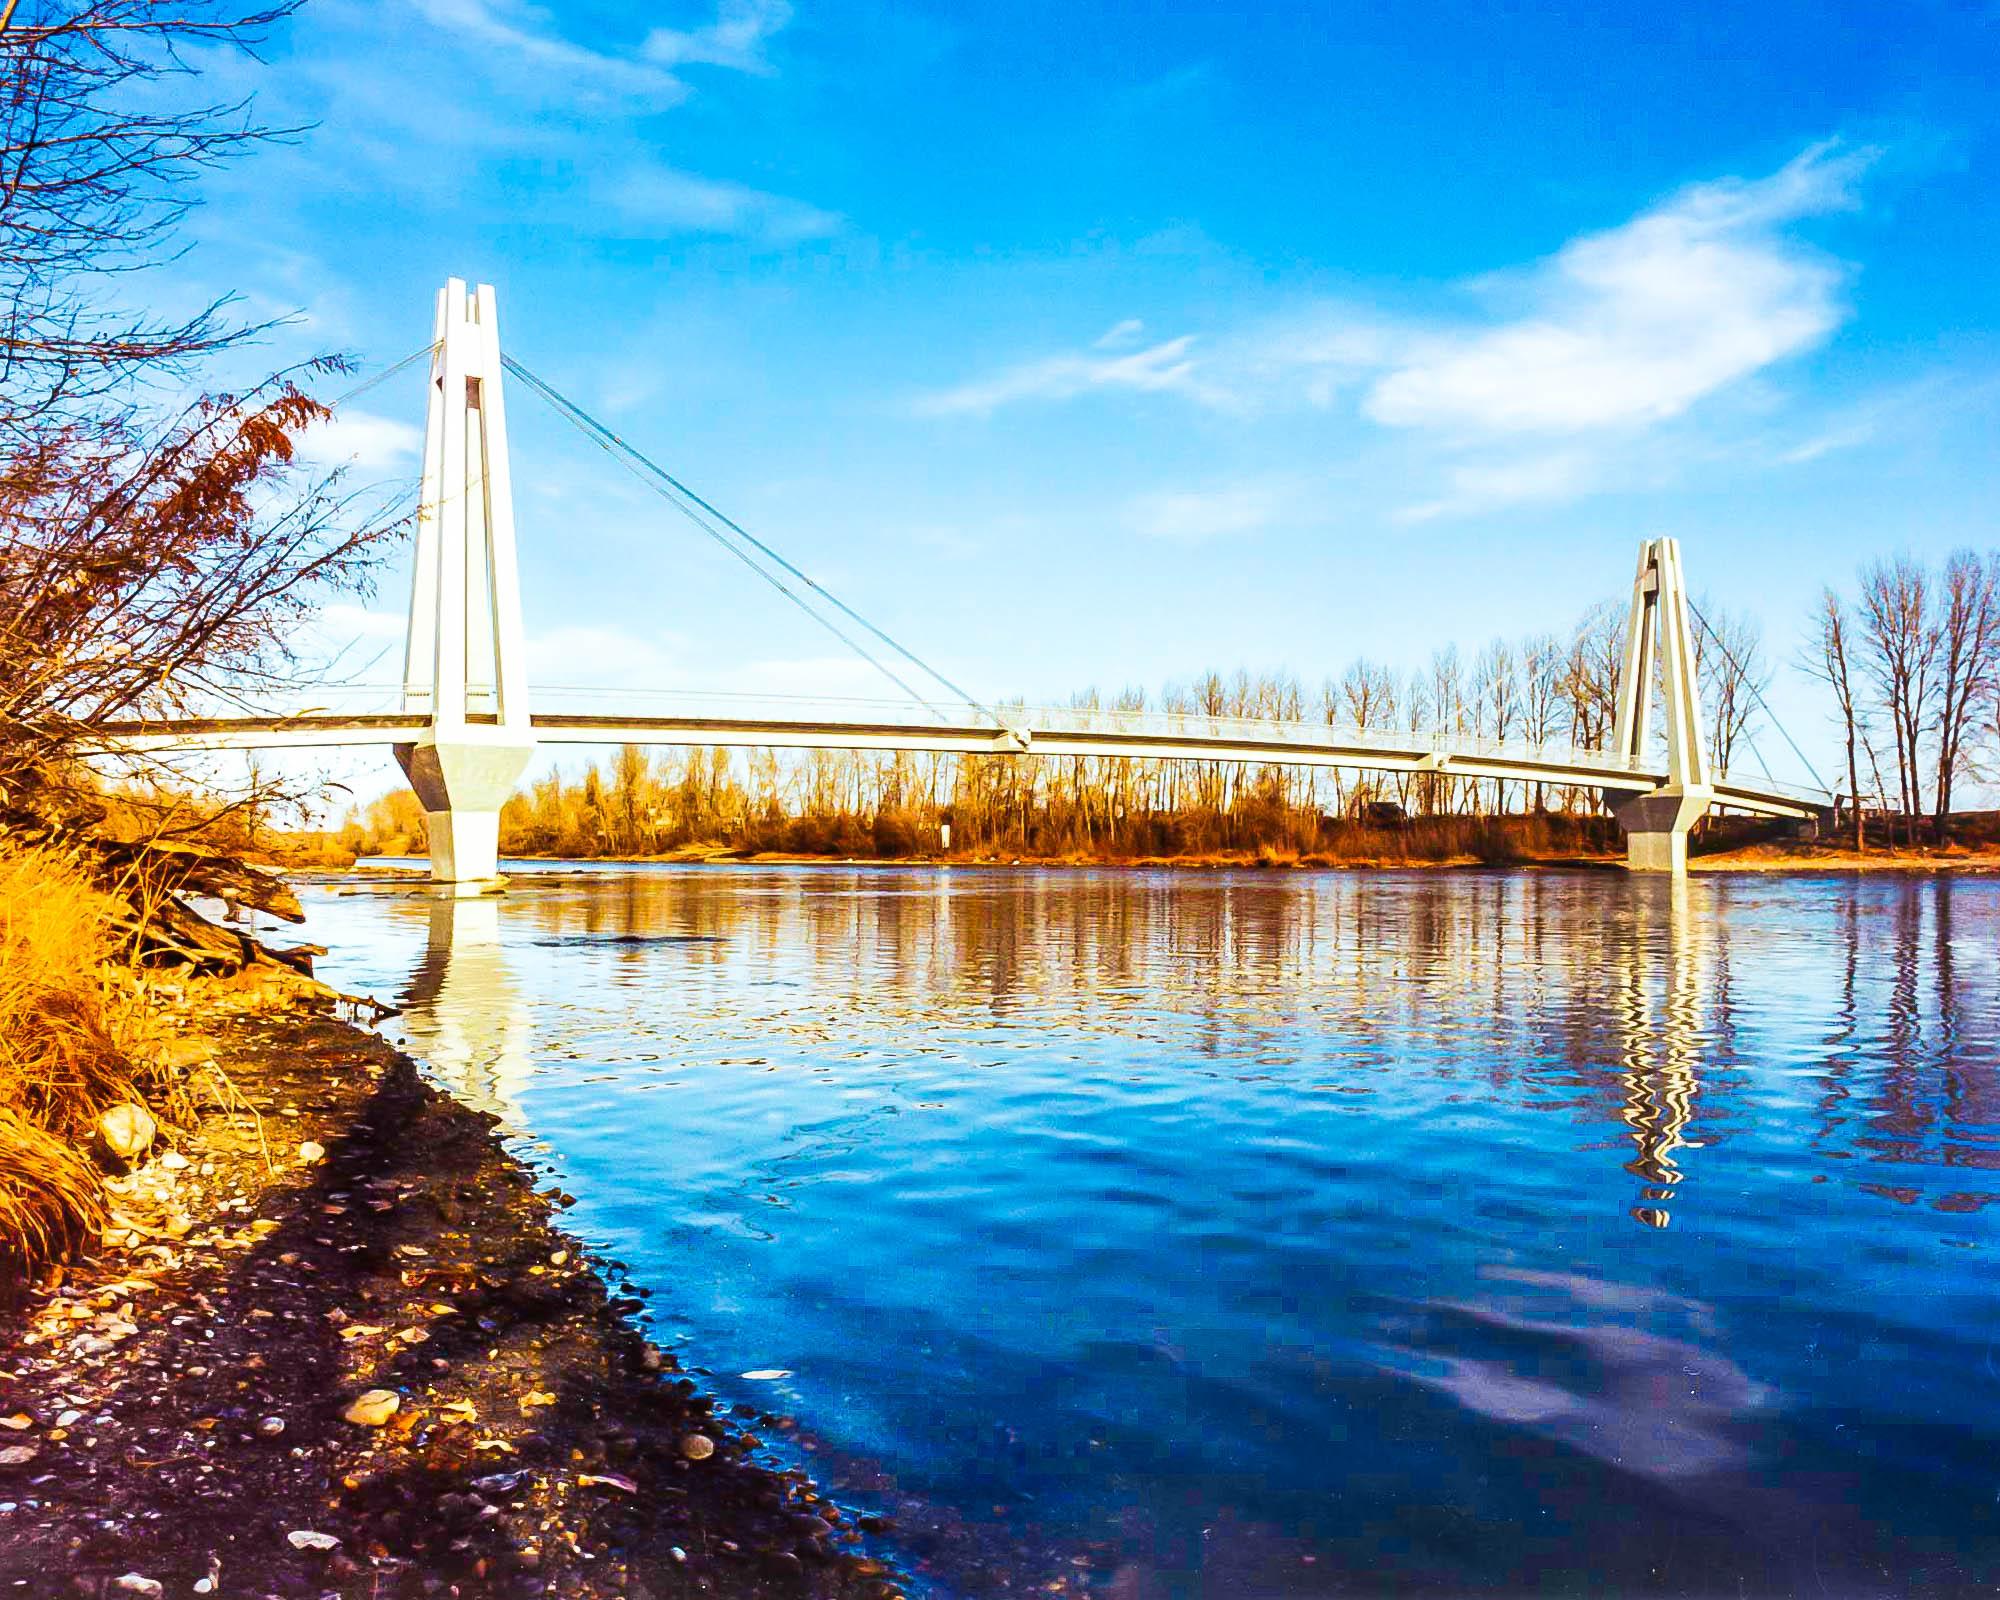 Carburn Park Bridge